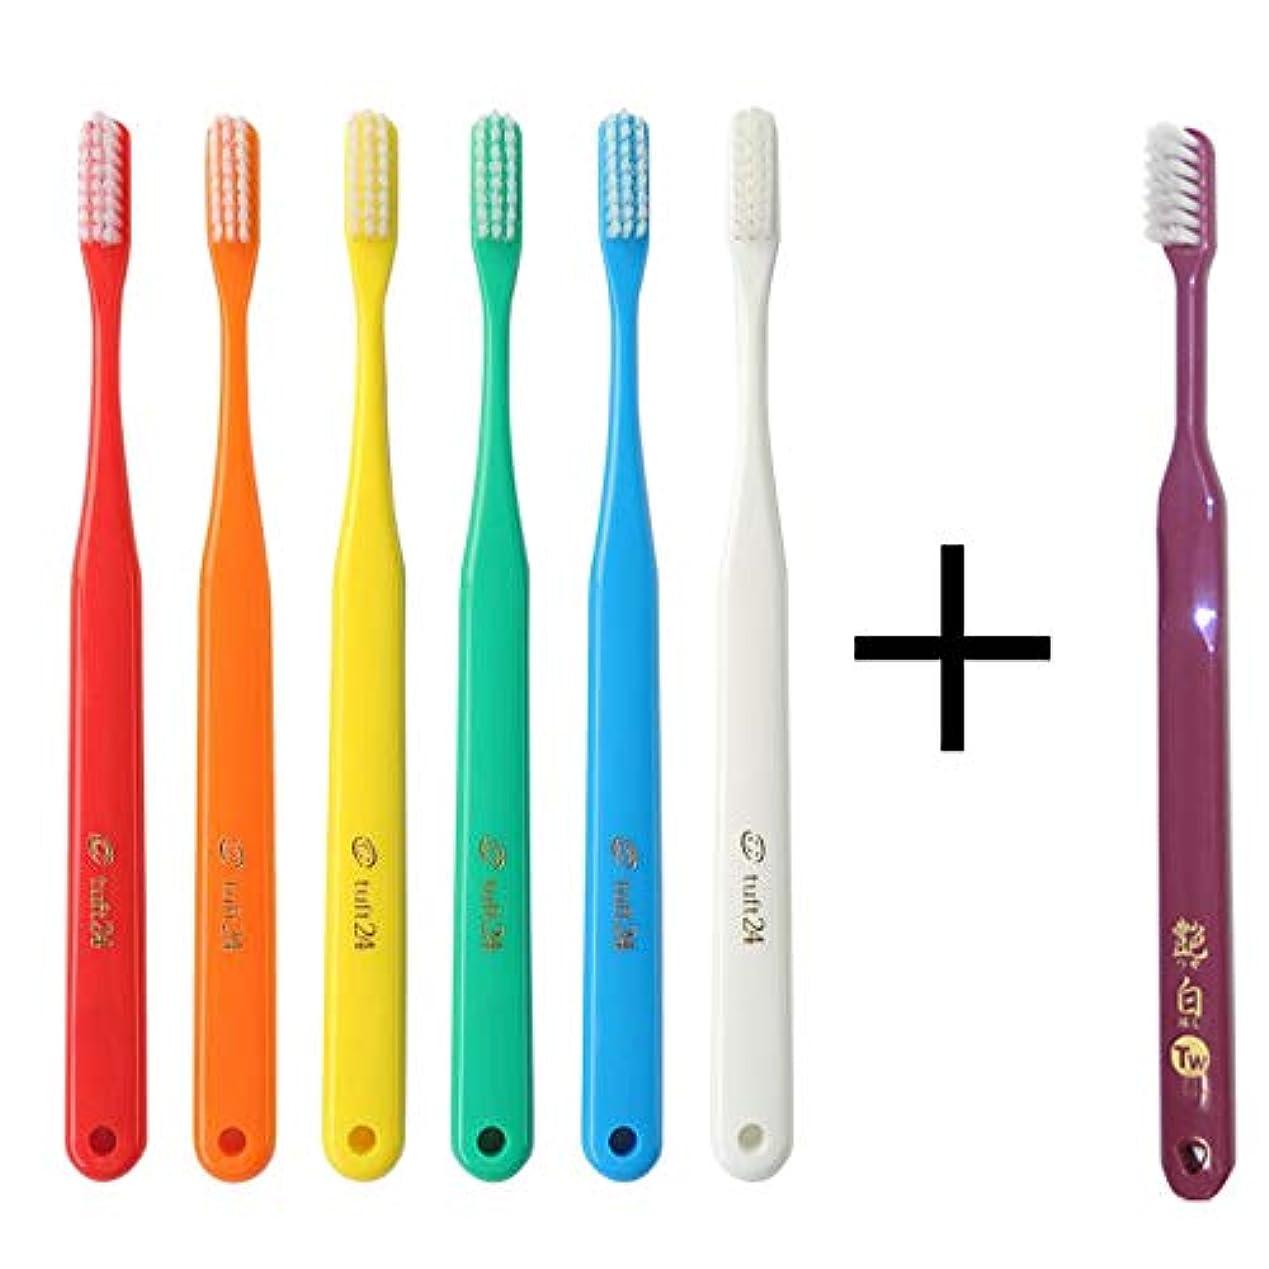 滅多ジャングル財団キャップなし タフト24 歯ブラシ × 25本入 S (アソート) + 艶白 歯ブラシ (日本製) ×1本 MS(やややわらかめ) 大人用歯ブラシ 歯科医院取扱品